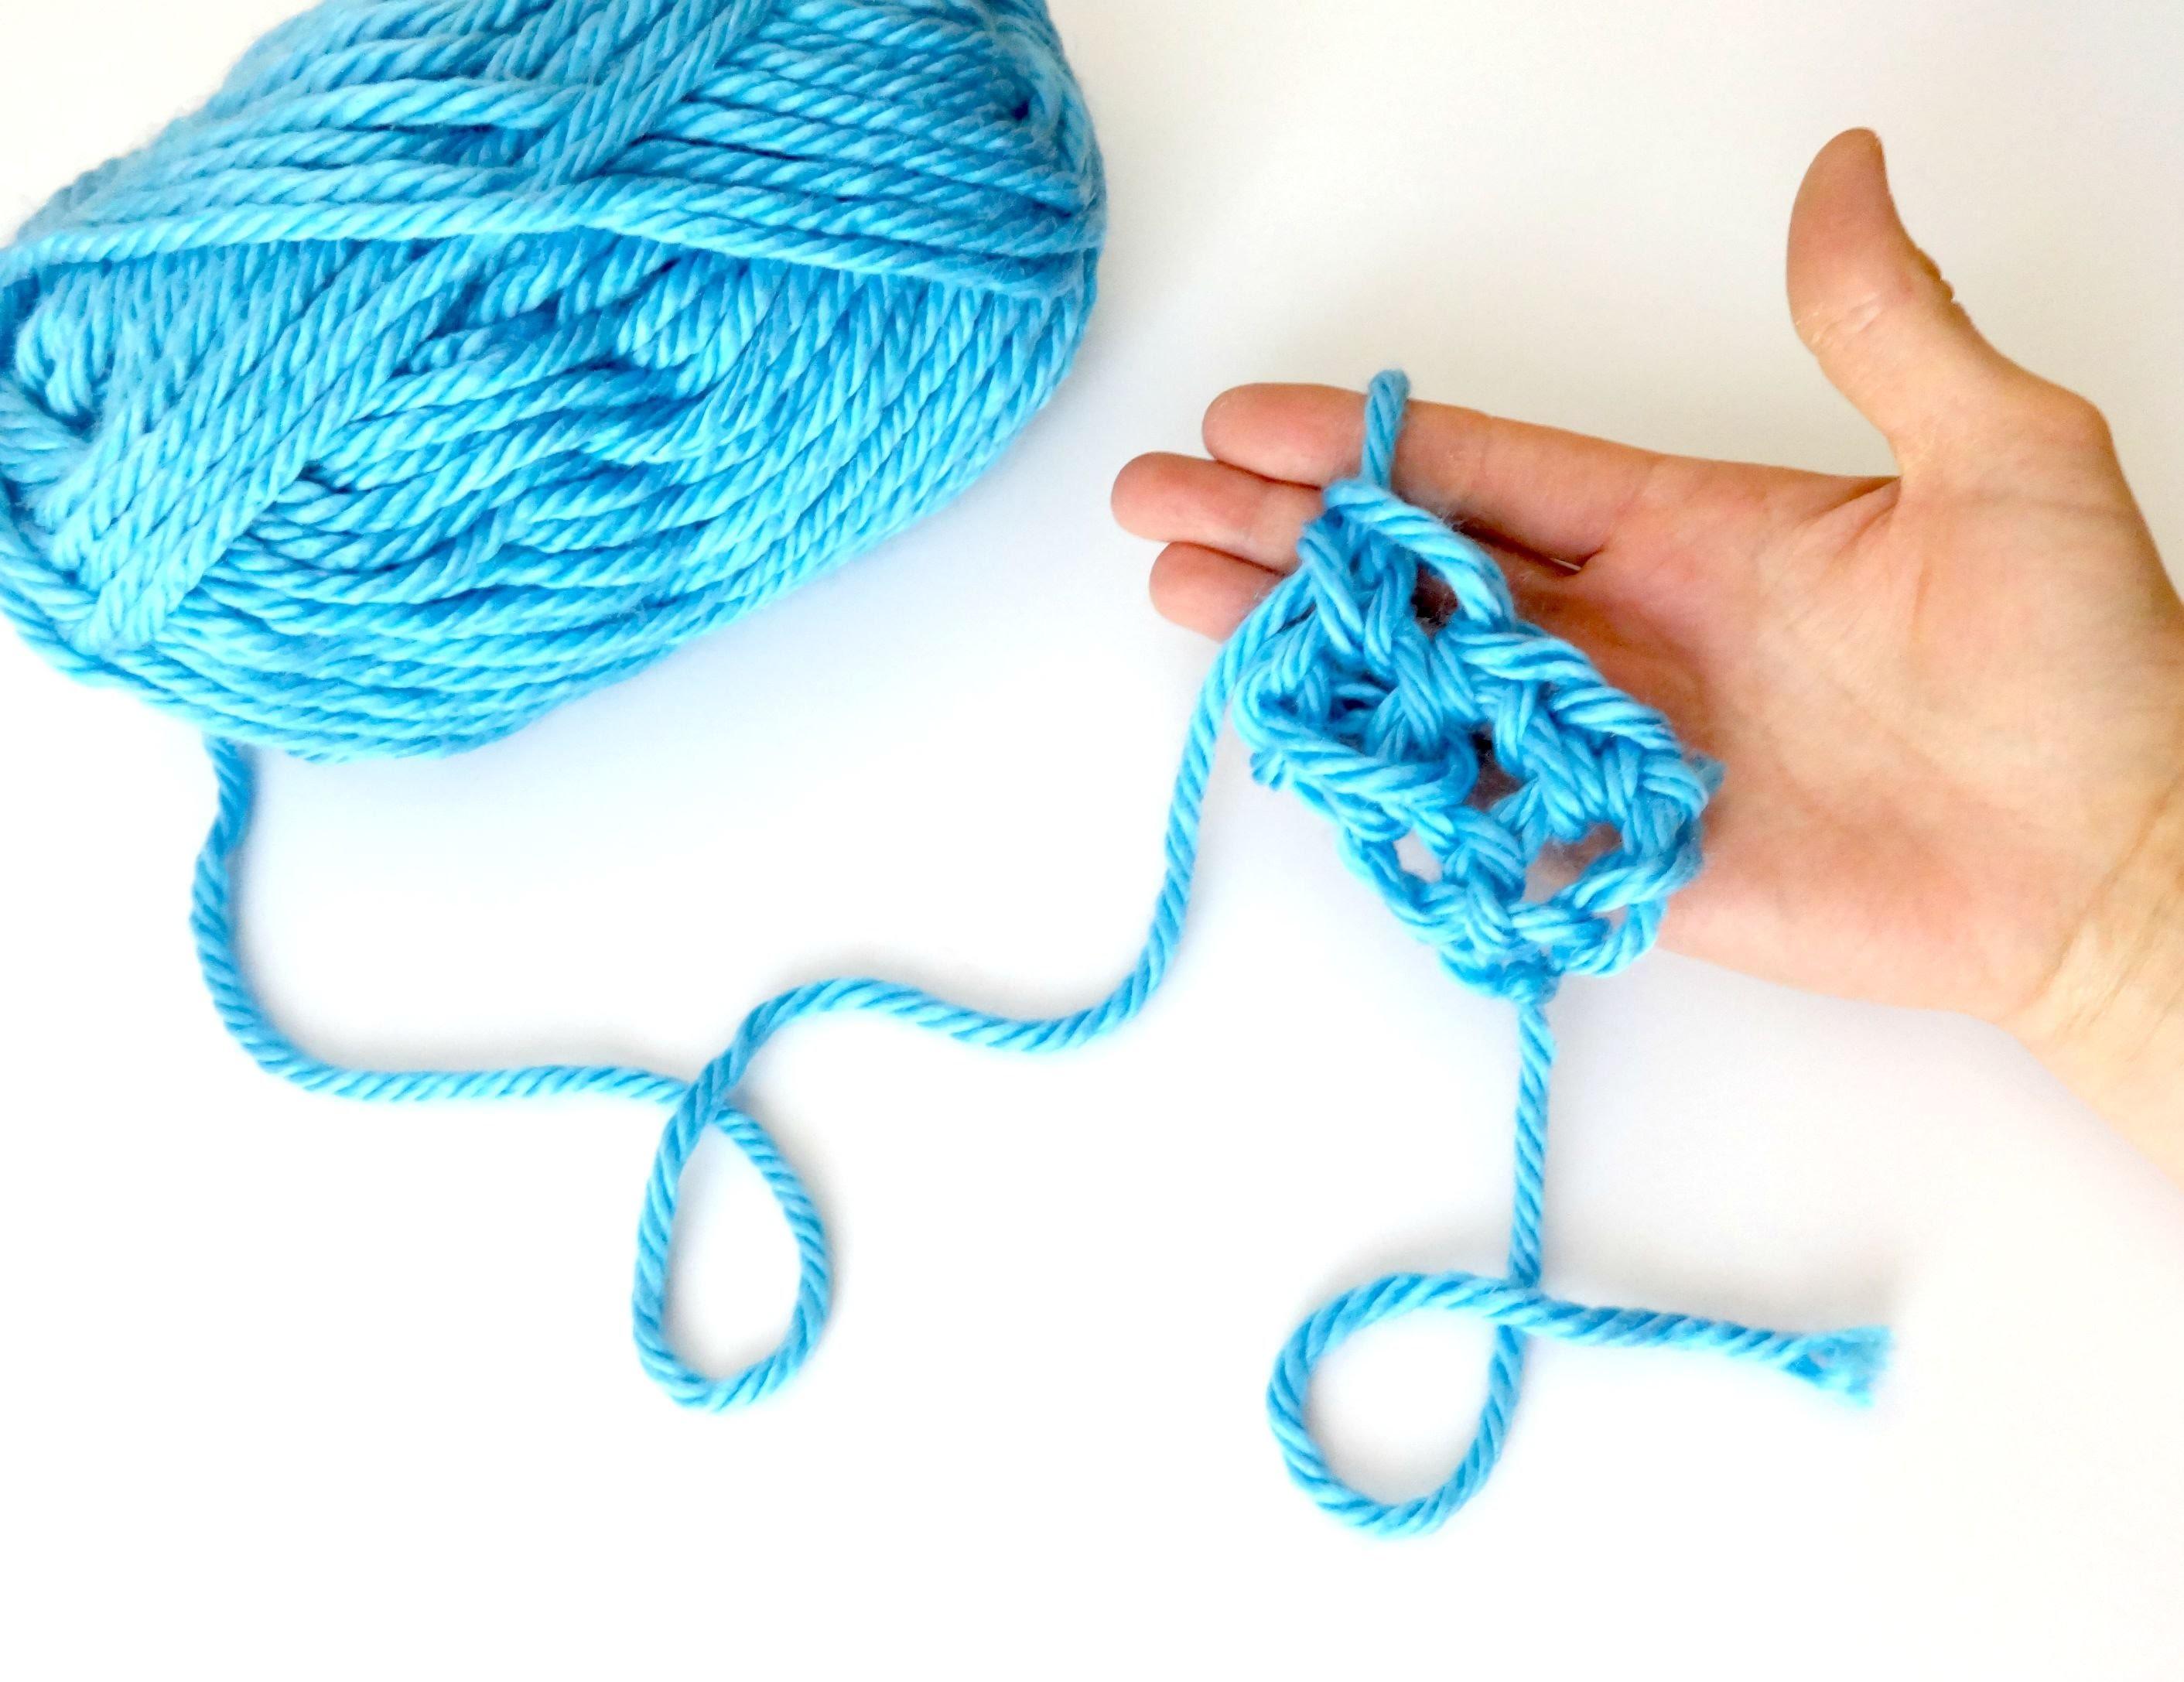 How To Finger Crochet, Episode 7